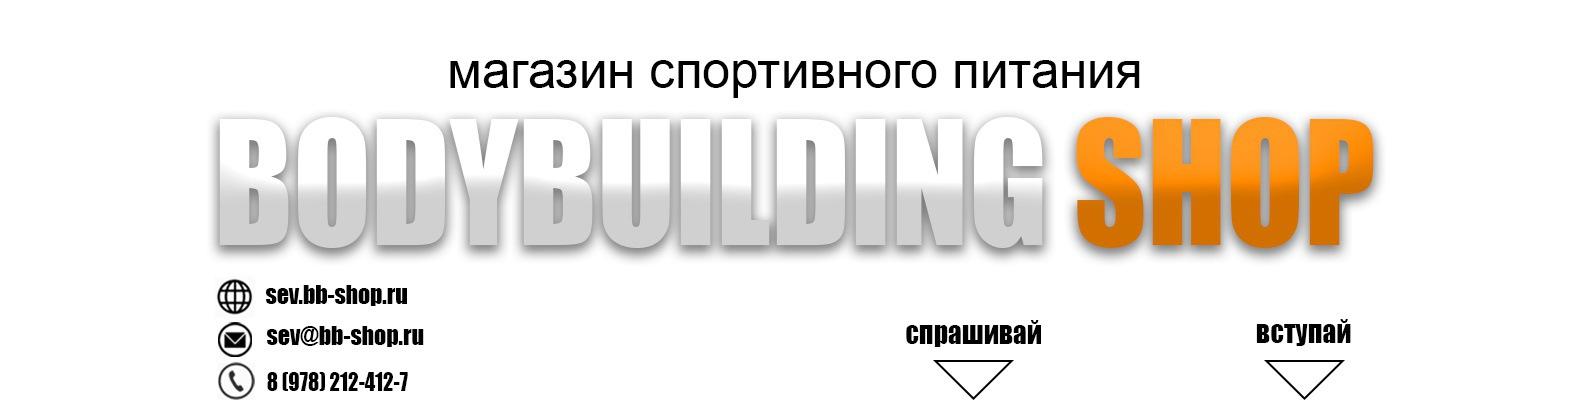 44231b7e1a48 Спортивное питание Крым   Севастополь   ВКонтакте